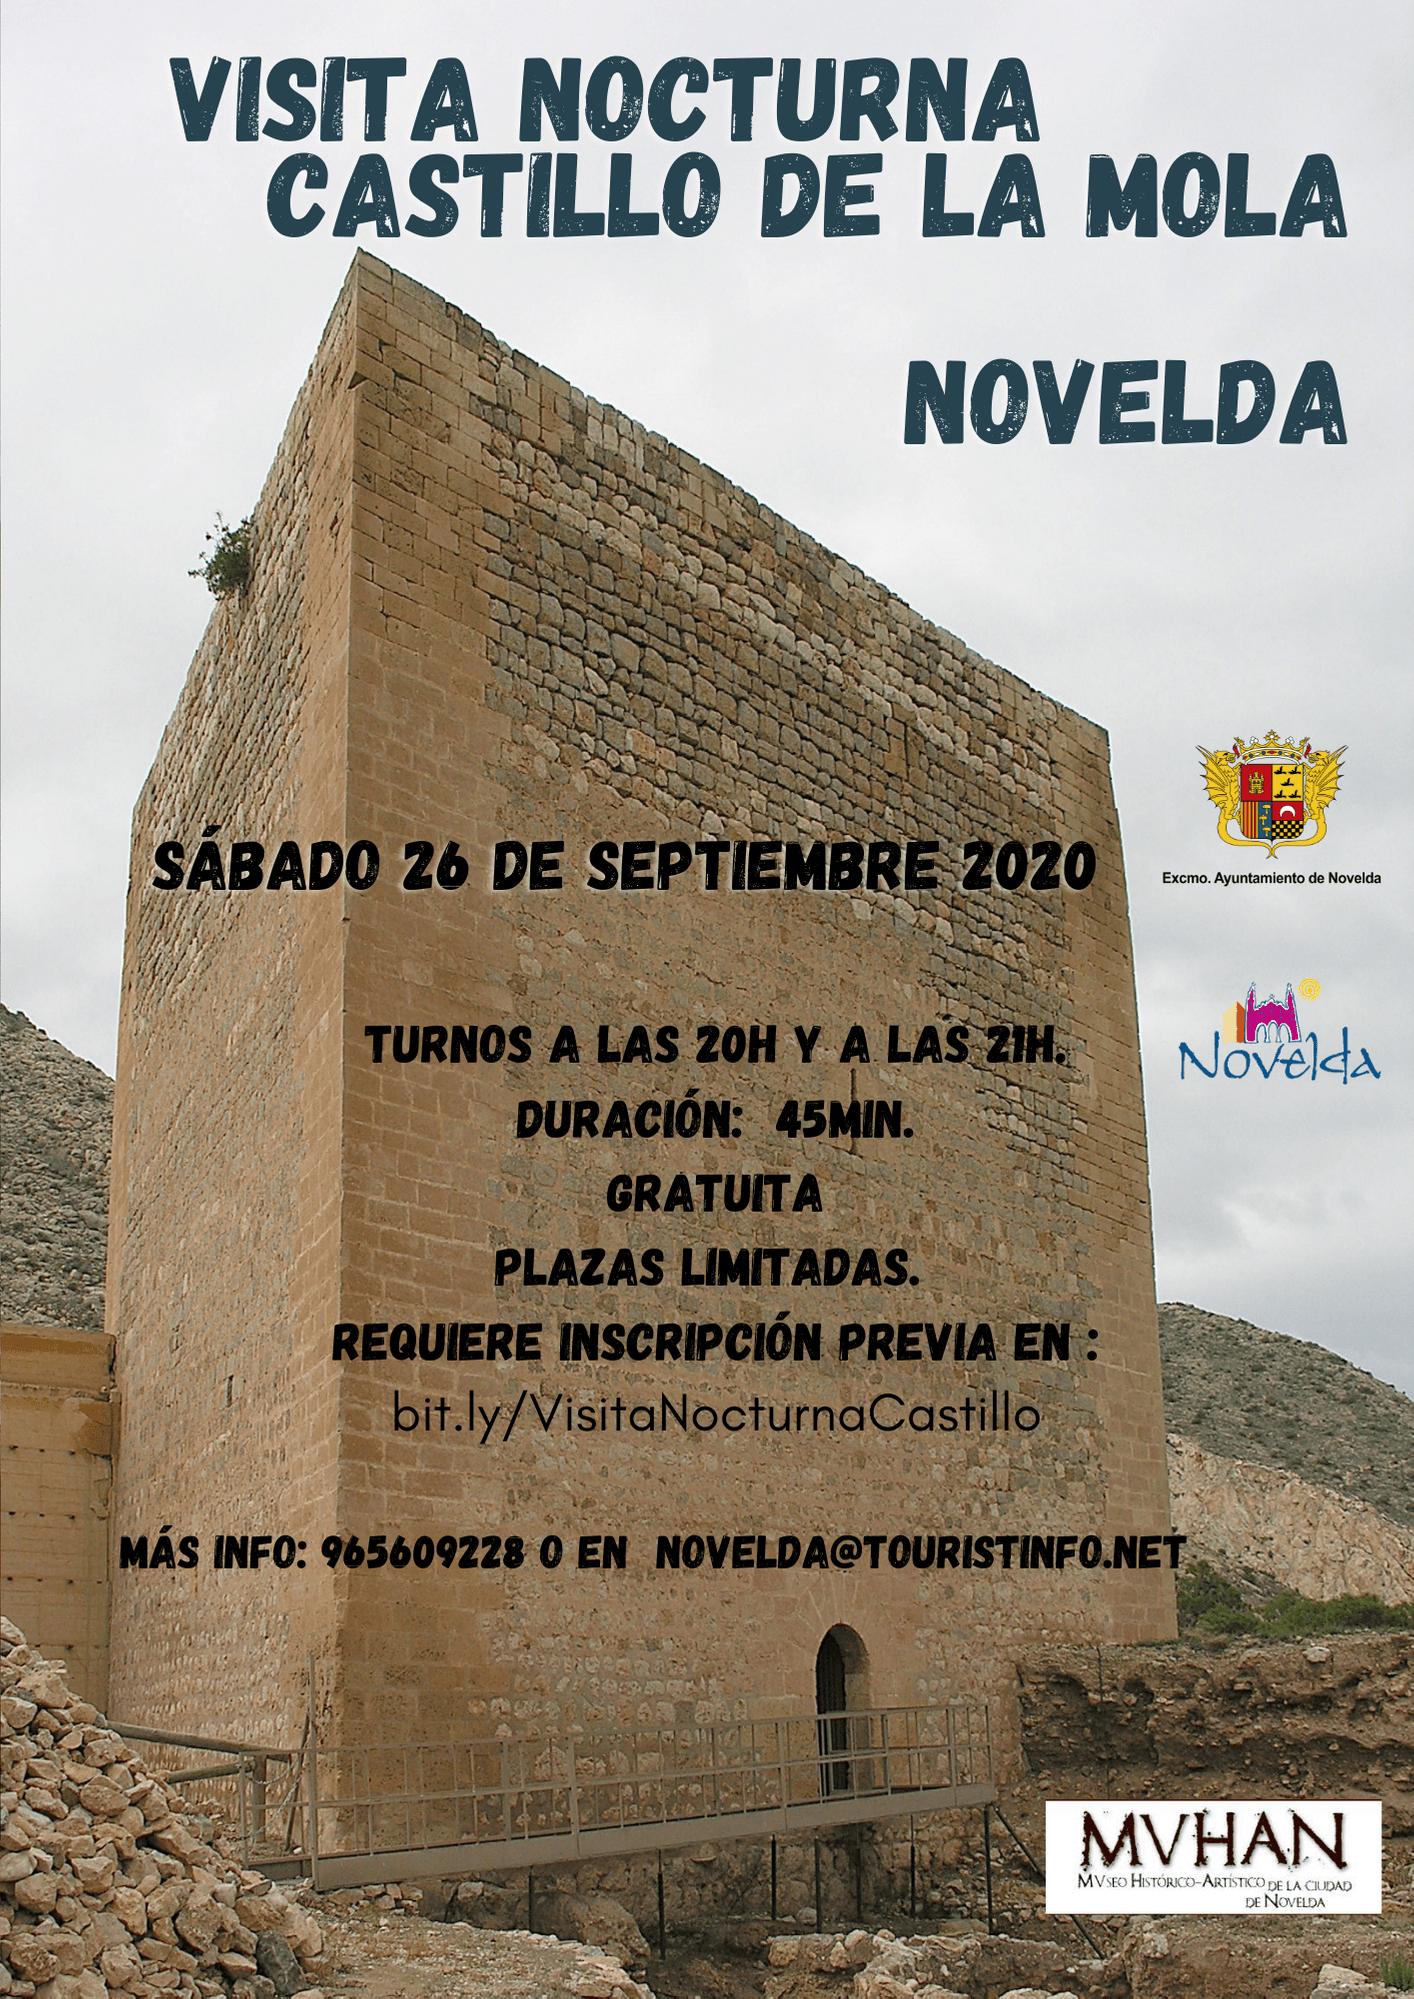 Ayuntamiento de Novelda visita-nocturna-castillo-octubre-20 Visita Nocturna Castillo de la Mola